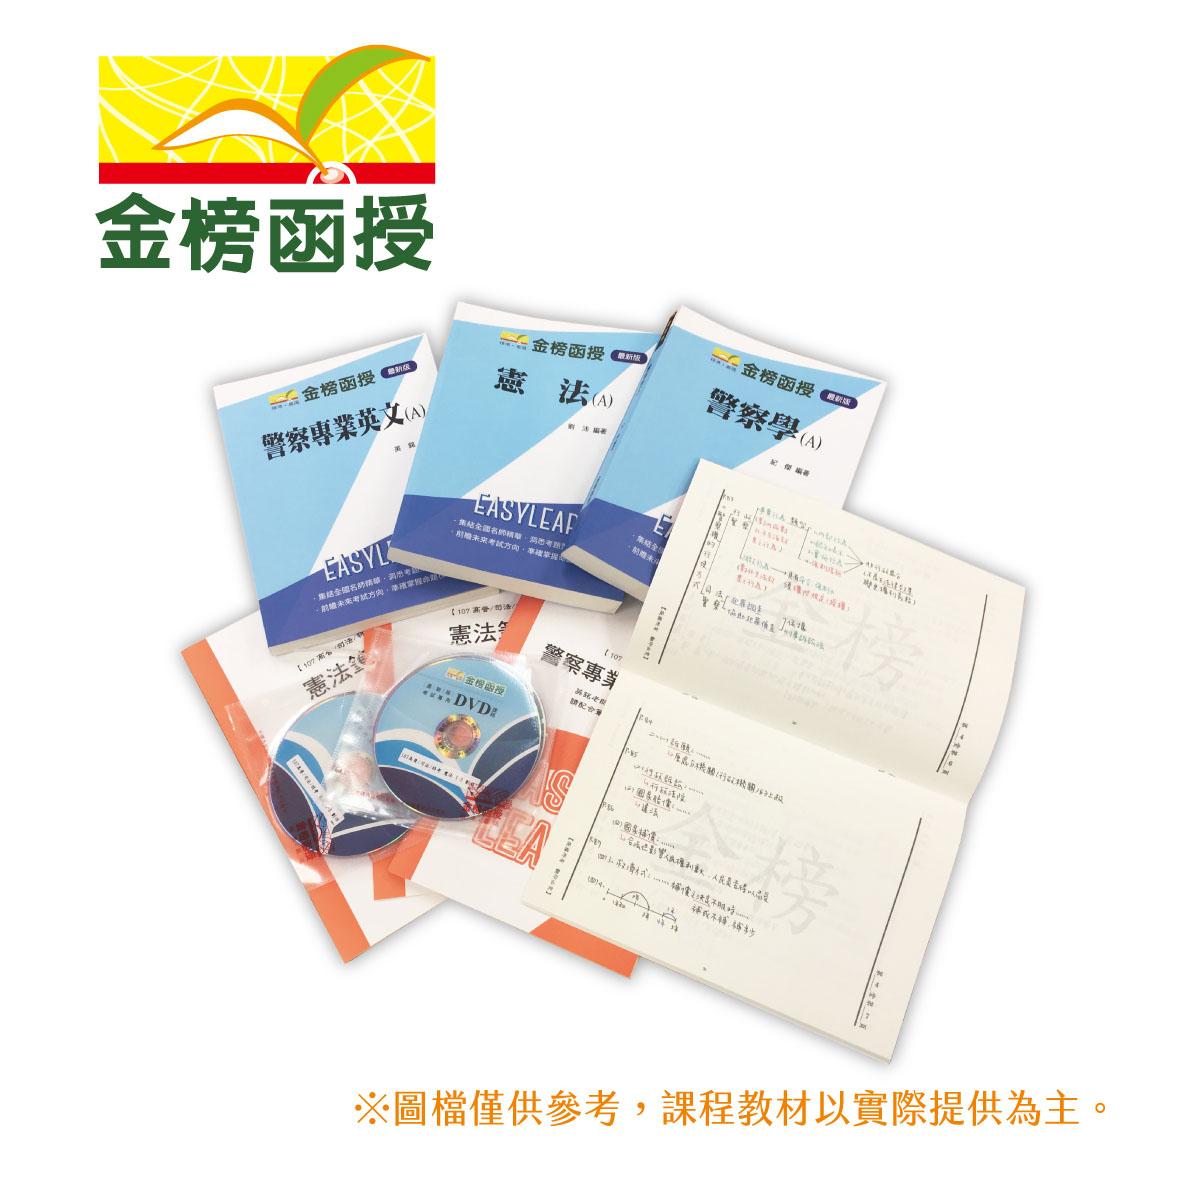 108金榜函授/高考三级/年度课程/全套/人事行政/DVD